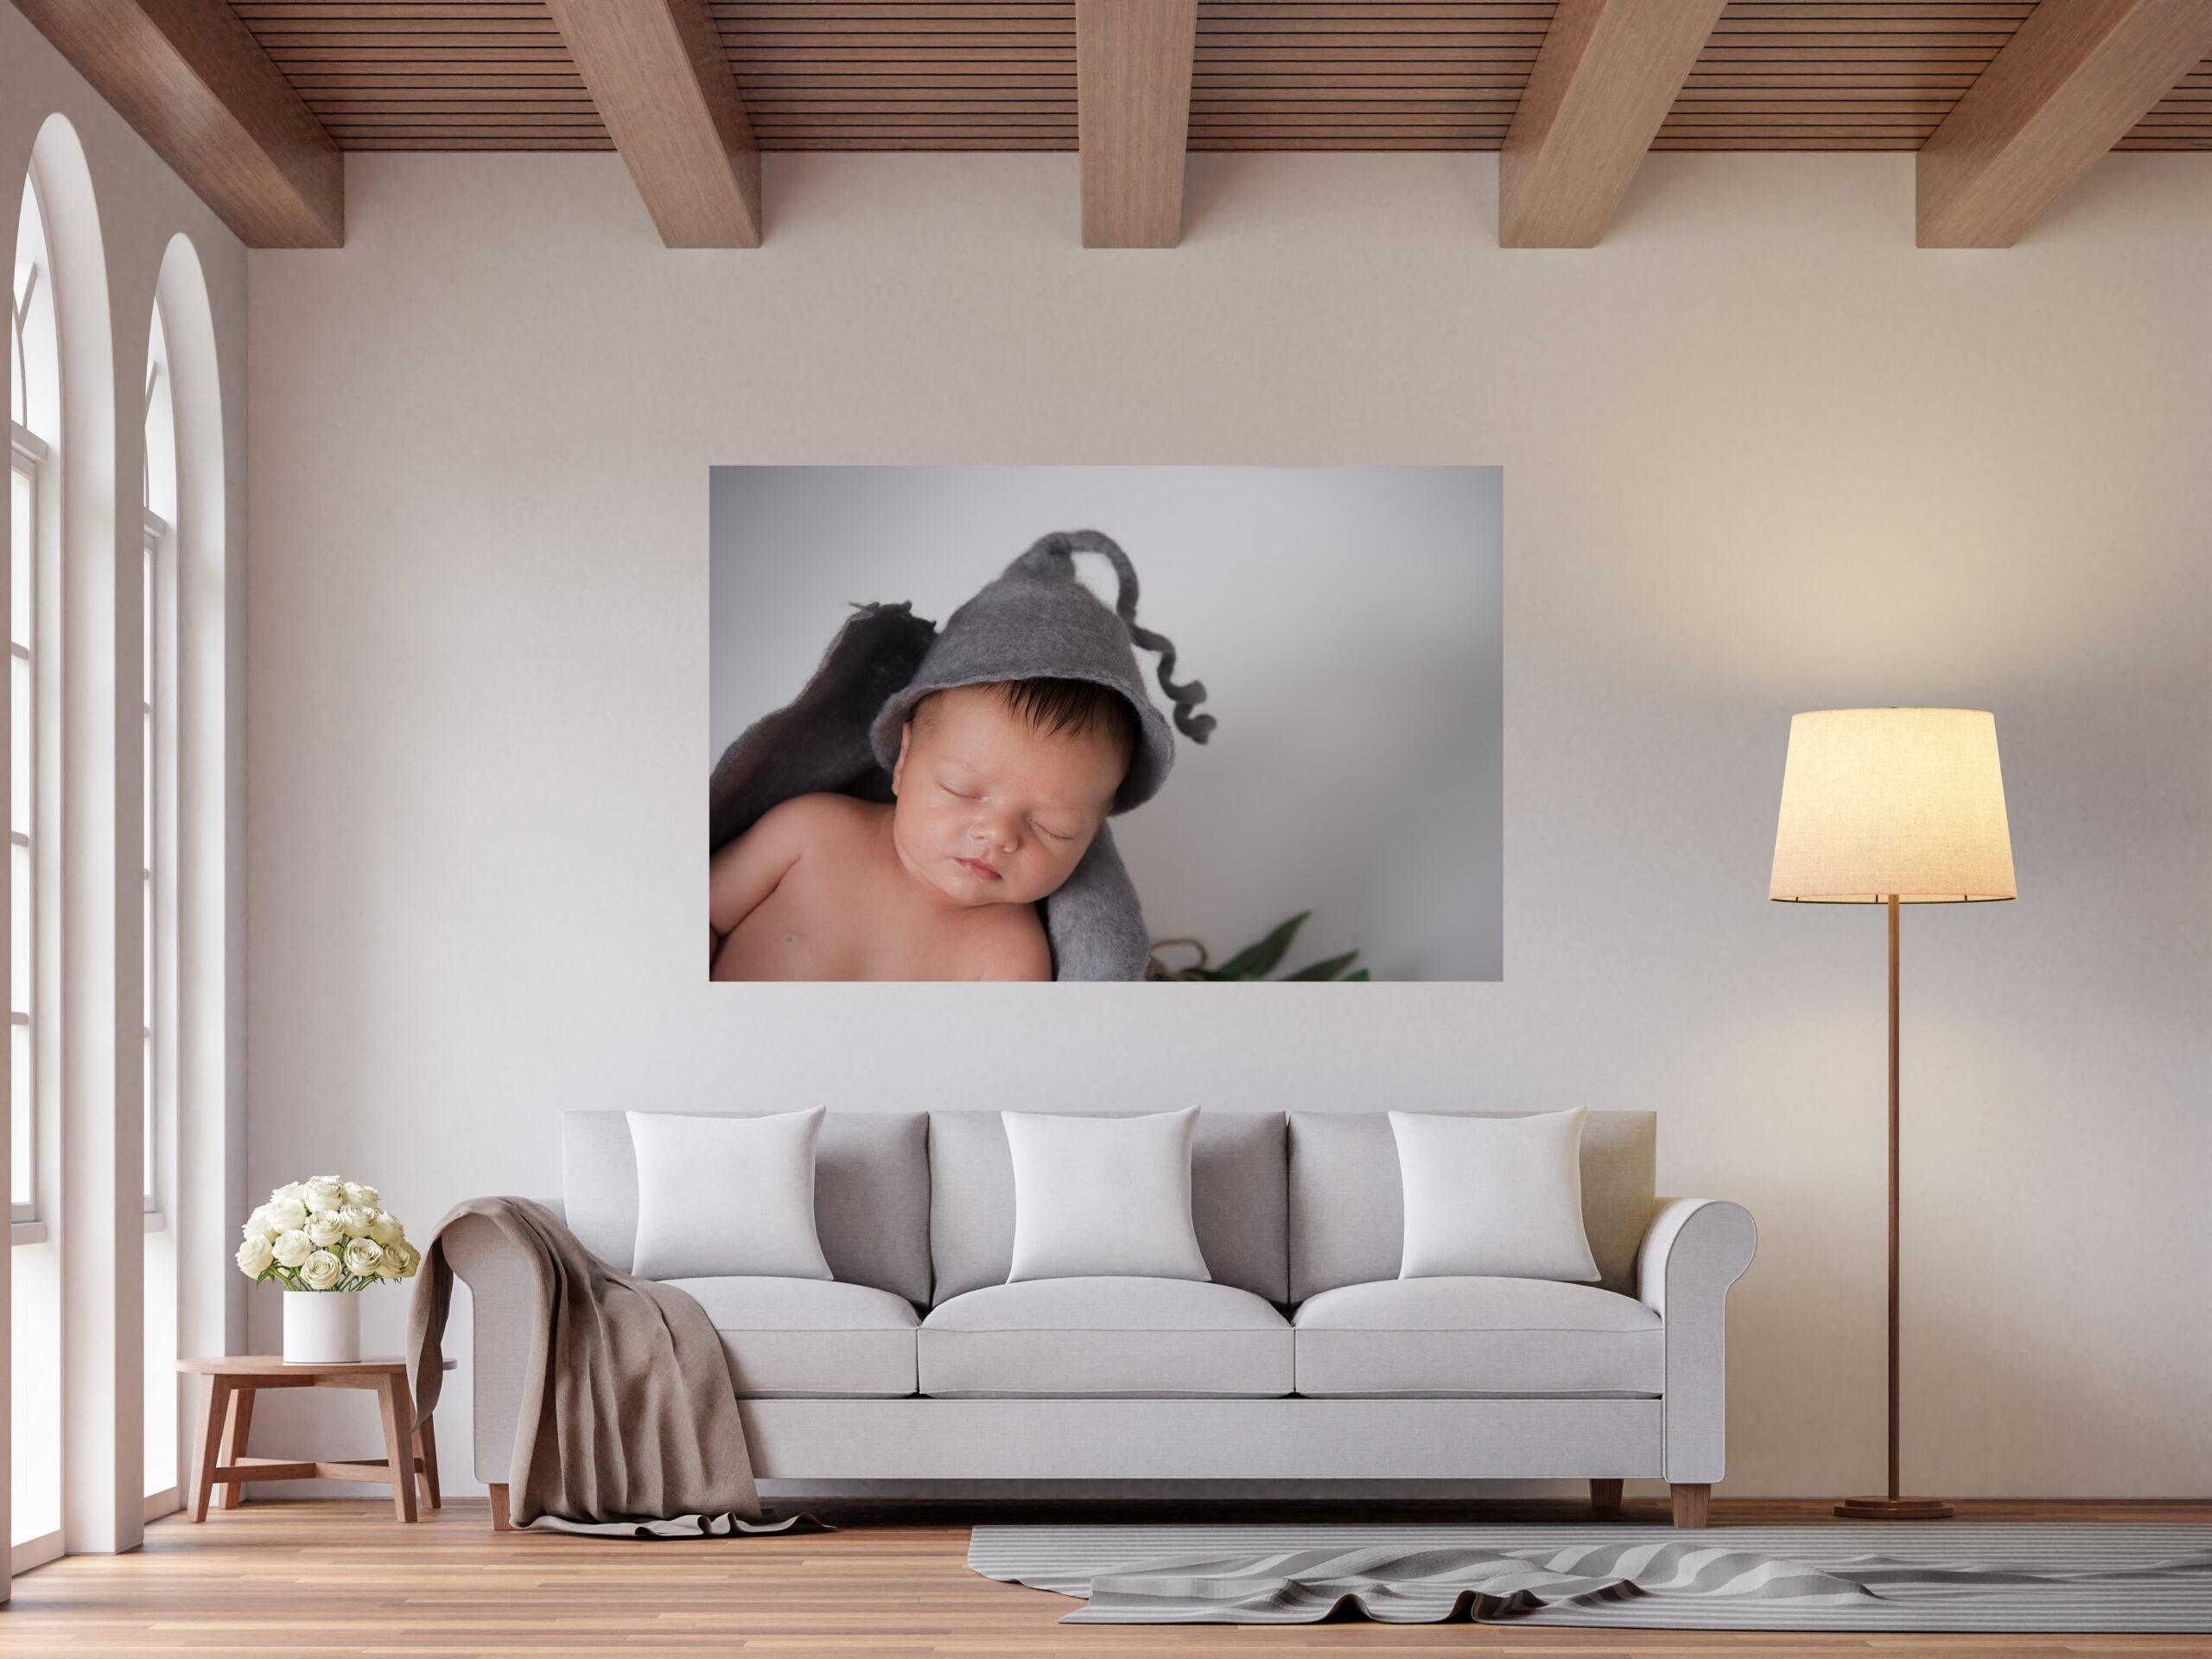 newborn baby boy, grey hat and fast asleep